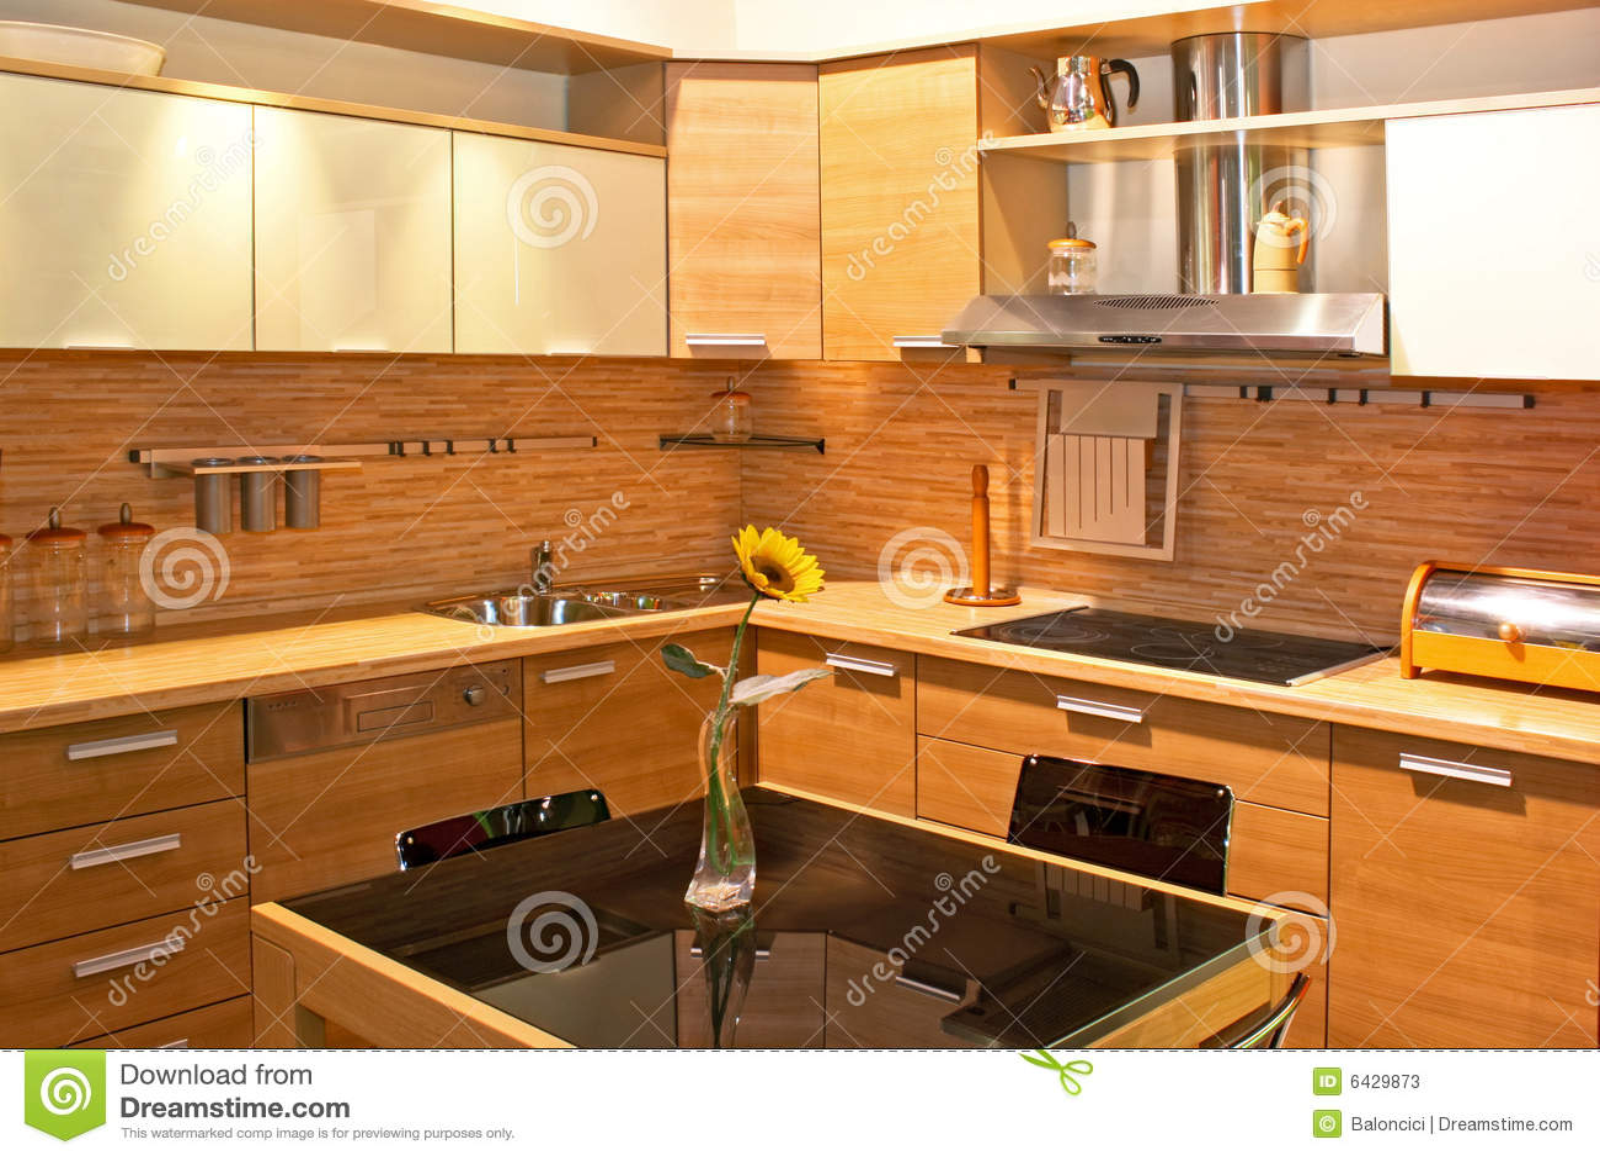 Cozinha De Madeira Clara Fotos de Stock Imagem: 6429873 #C08A0B 1300x957